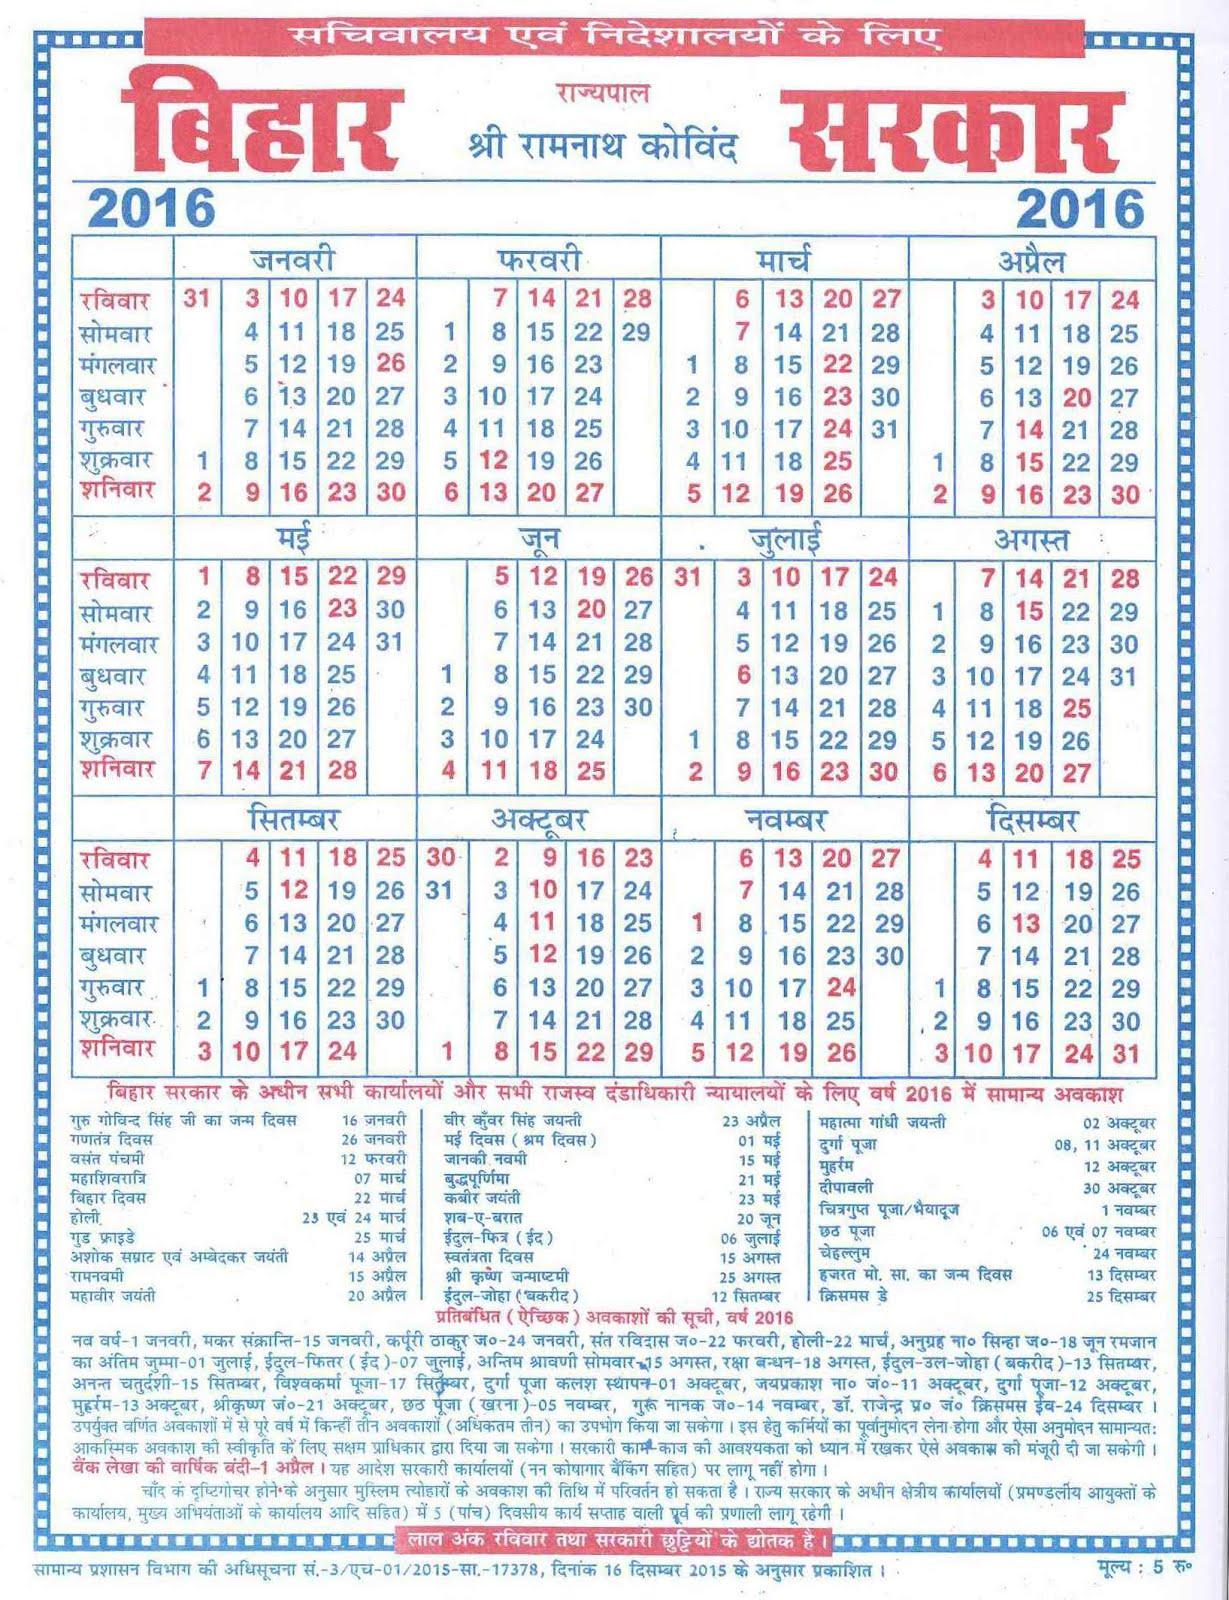 Bihar Government Calendar 2016 with Bihar Sarkar Calendra 2020